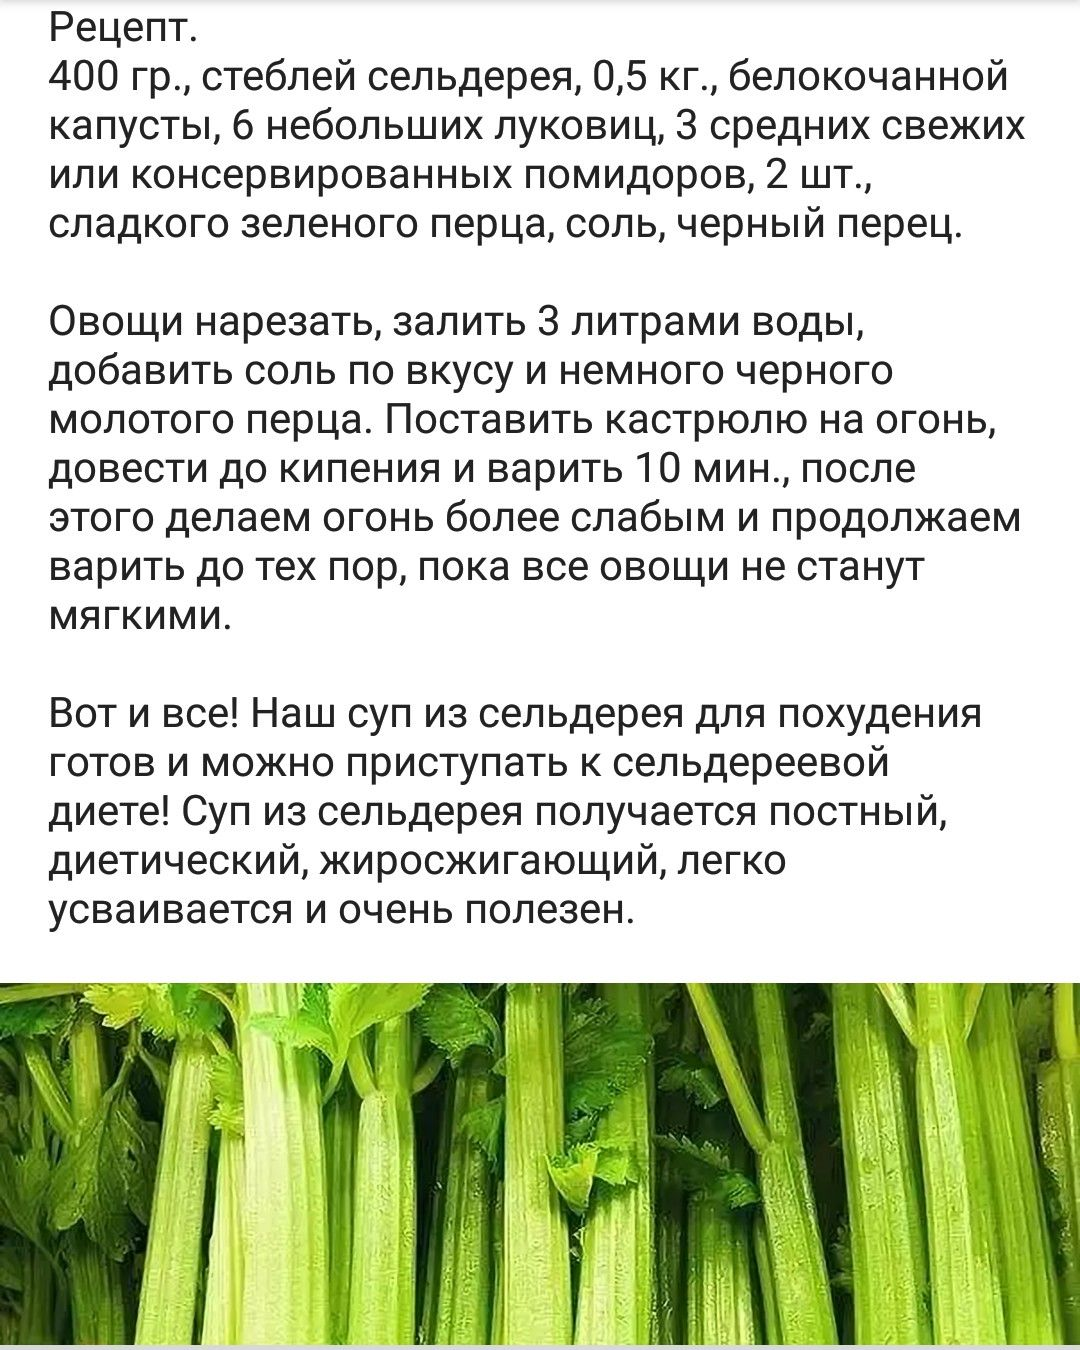 Похудение С Сельдереем Отзывы. Как есть сельдерей, чтобы похудеть: отзывы и рецепты блюд